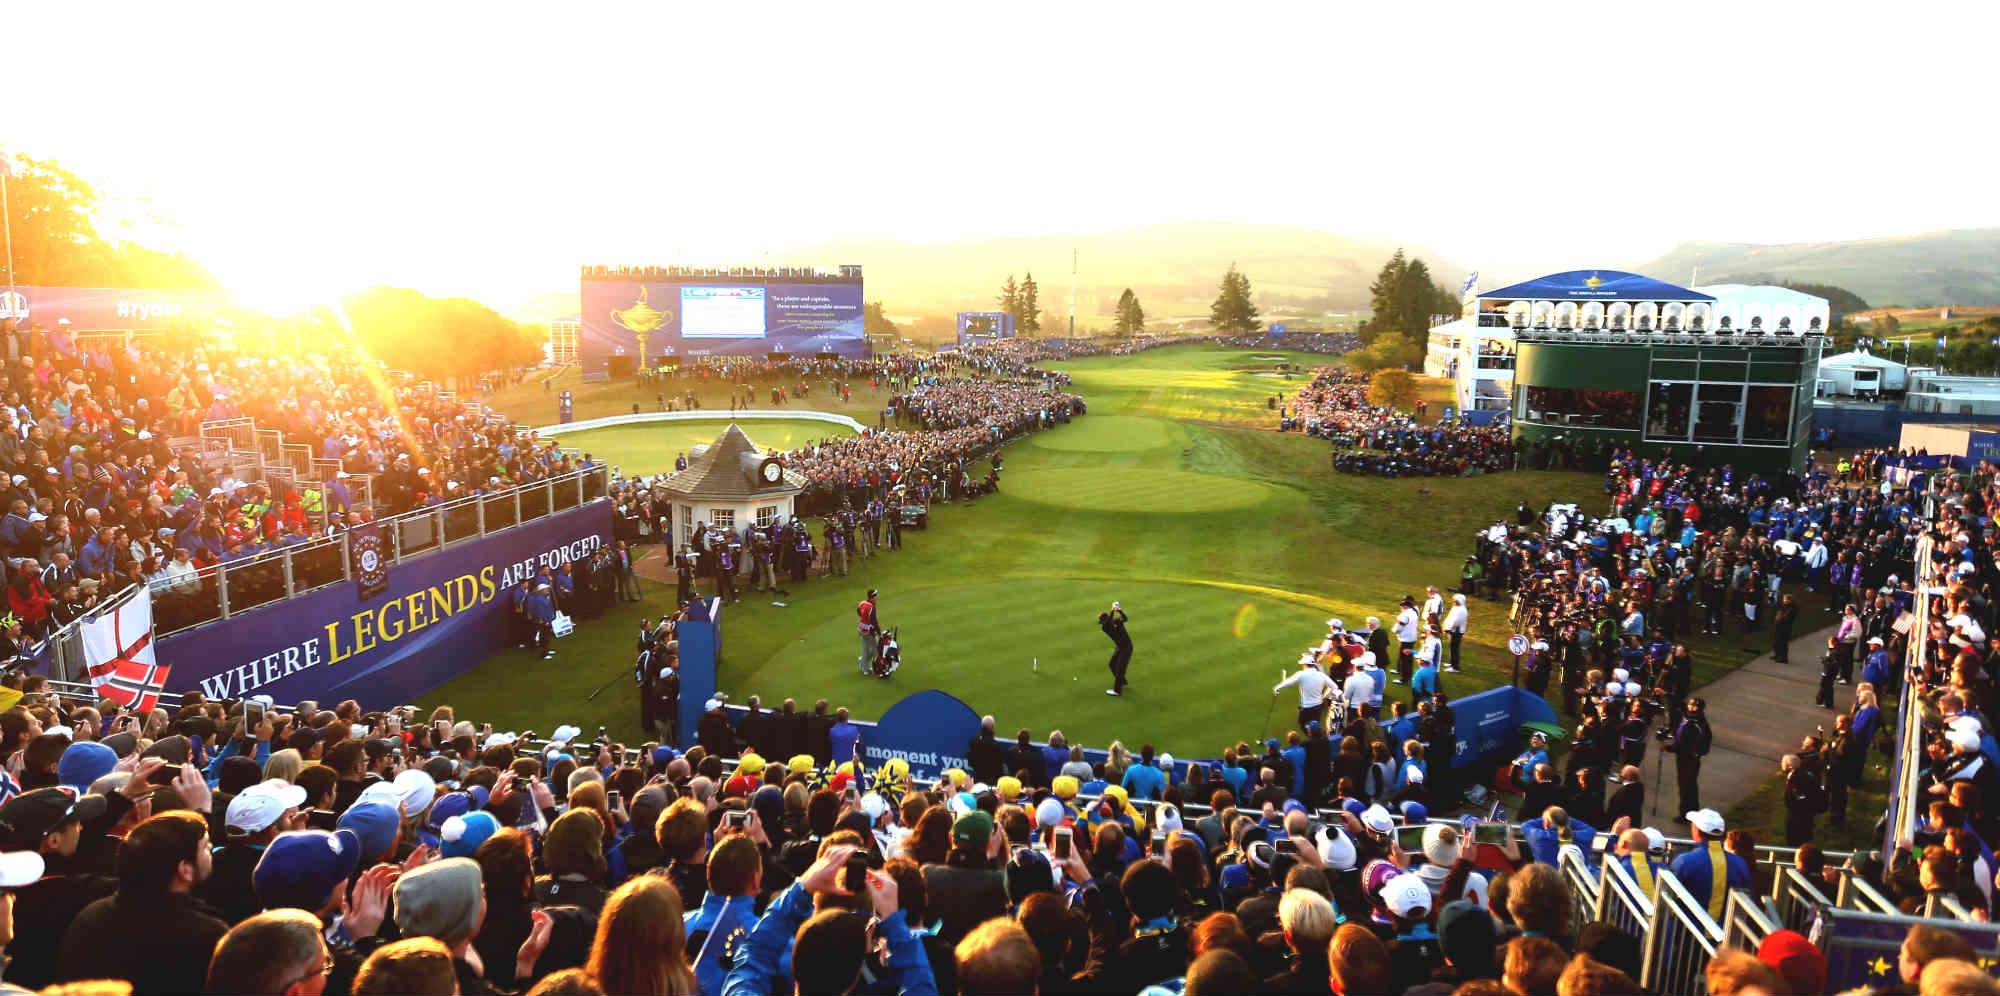 Acreditaci n golf en escocia for Oficina de turismo de escocia